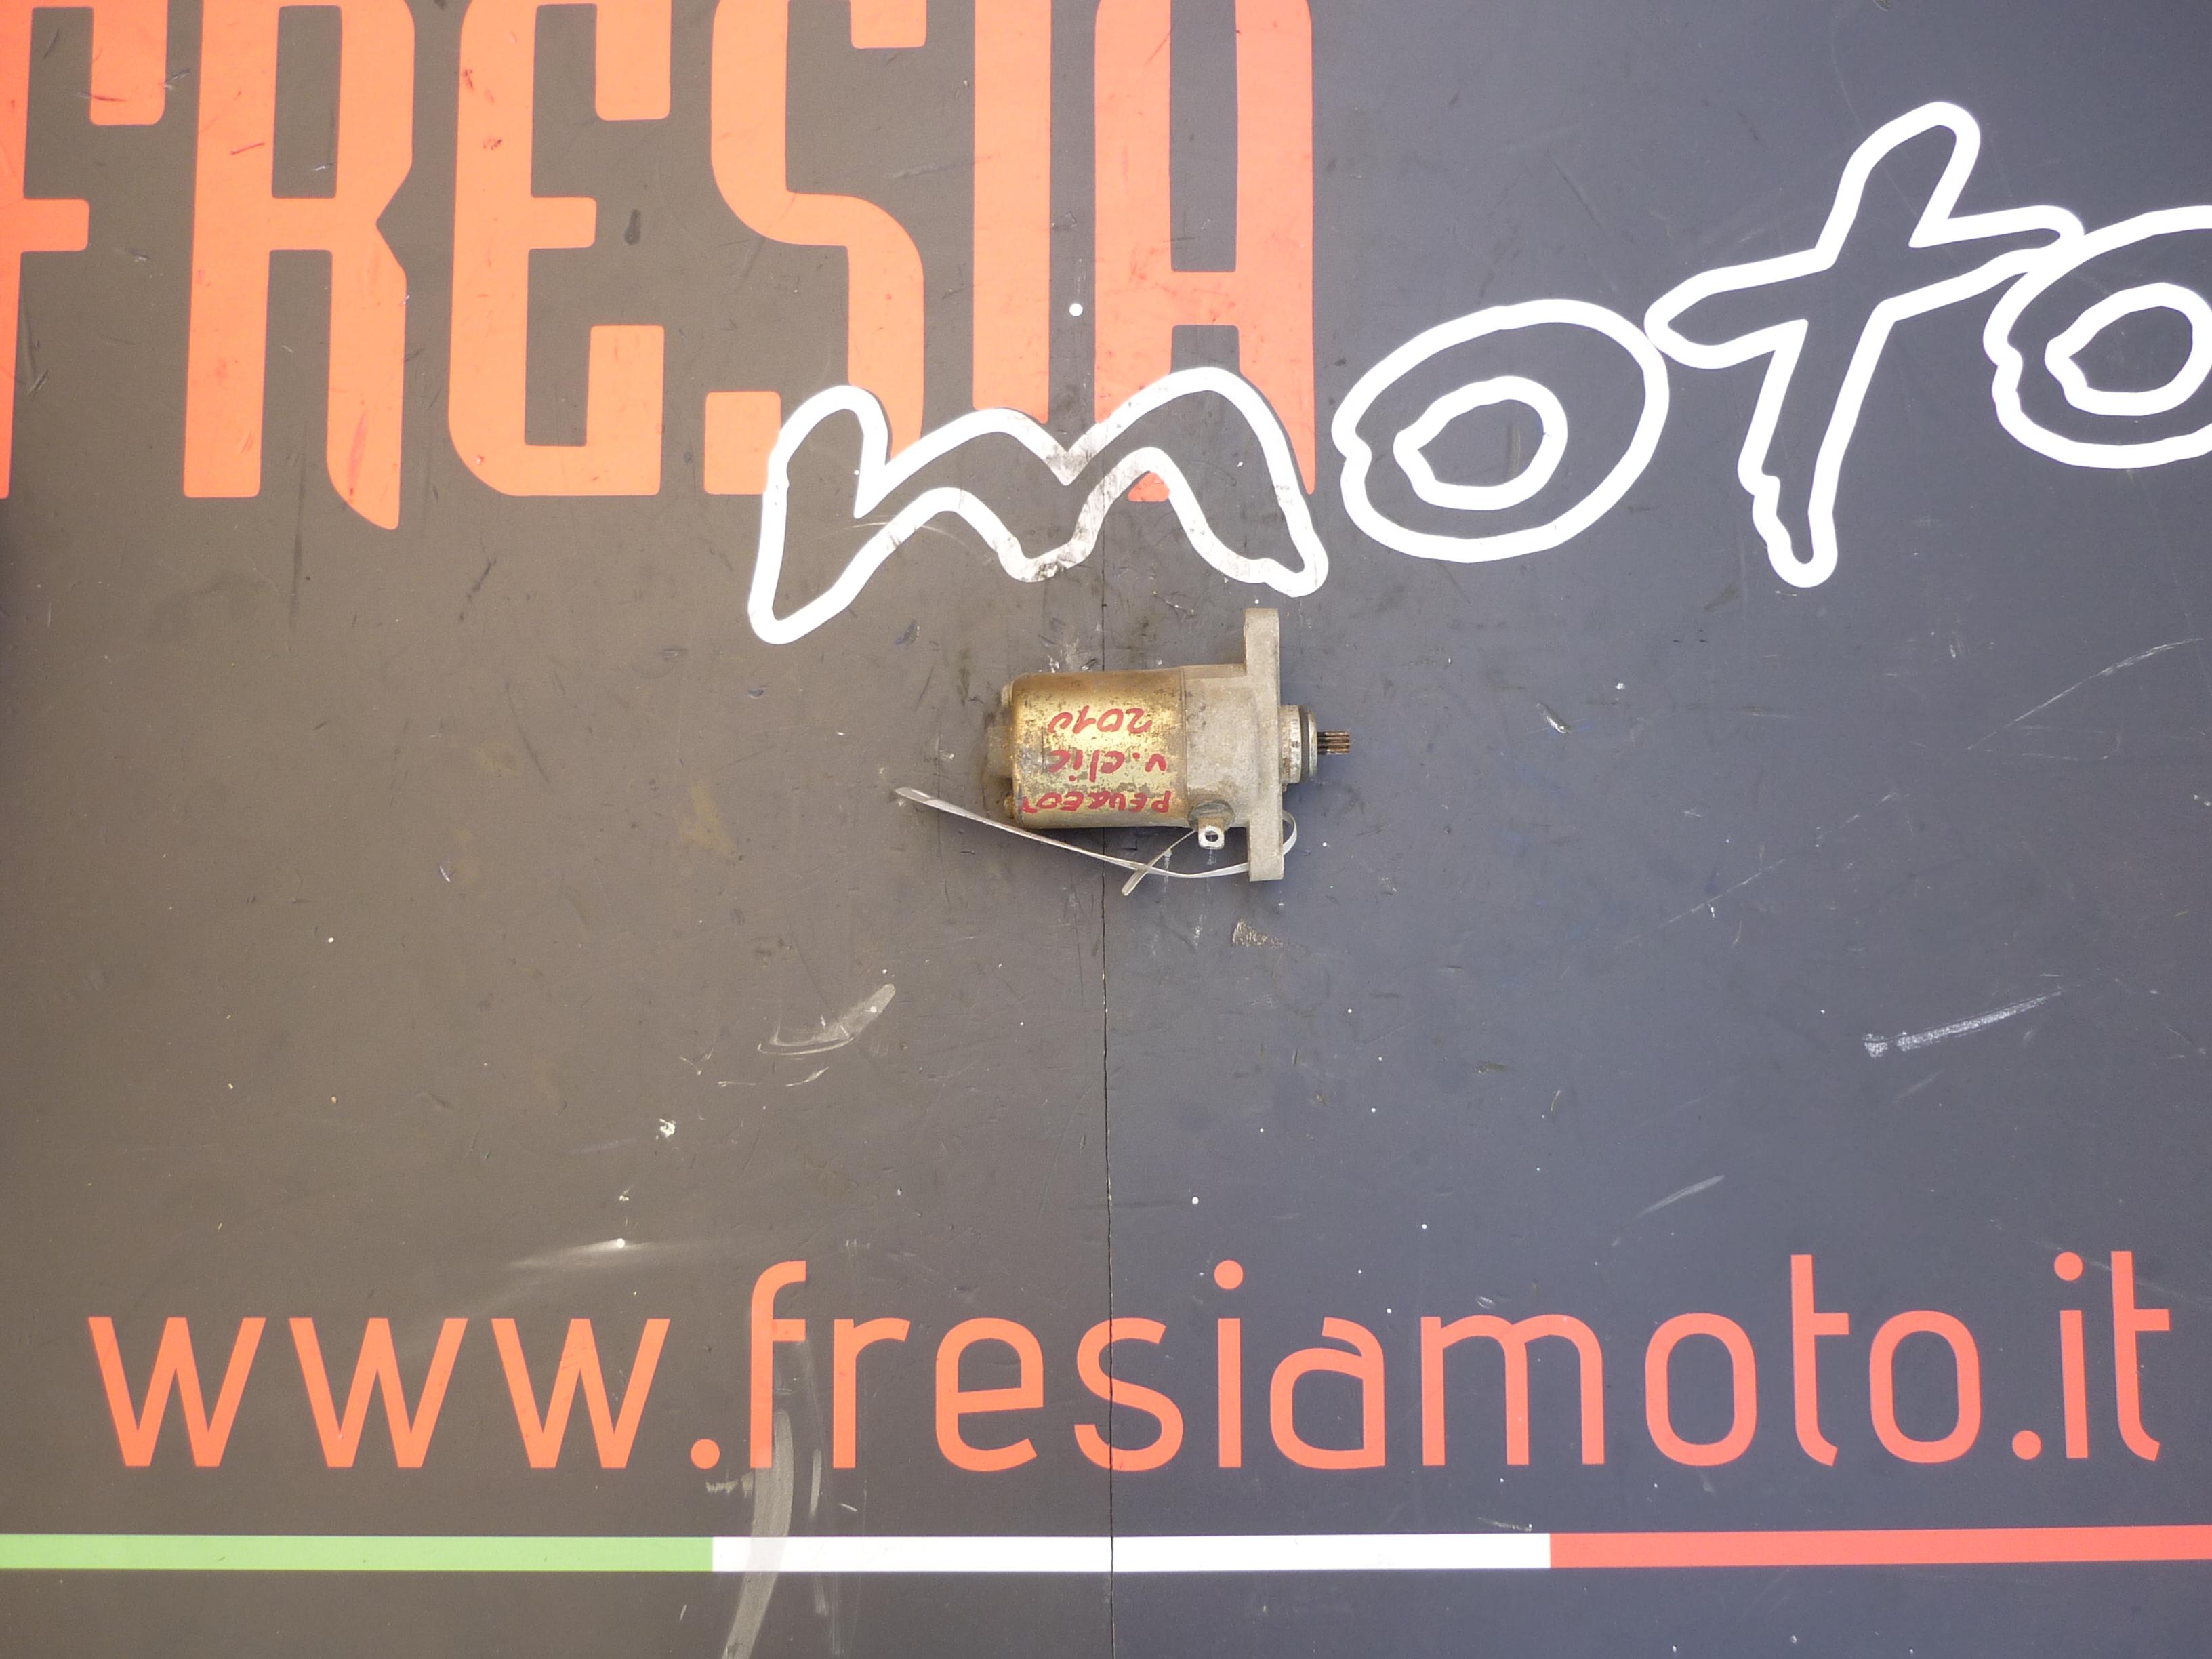 MOTORINO D'AVVIAMENTO USATO PEUGEOT V CLIC 50 4T ANNO 2010